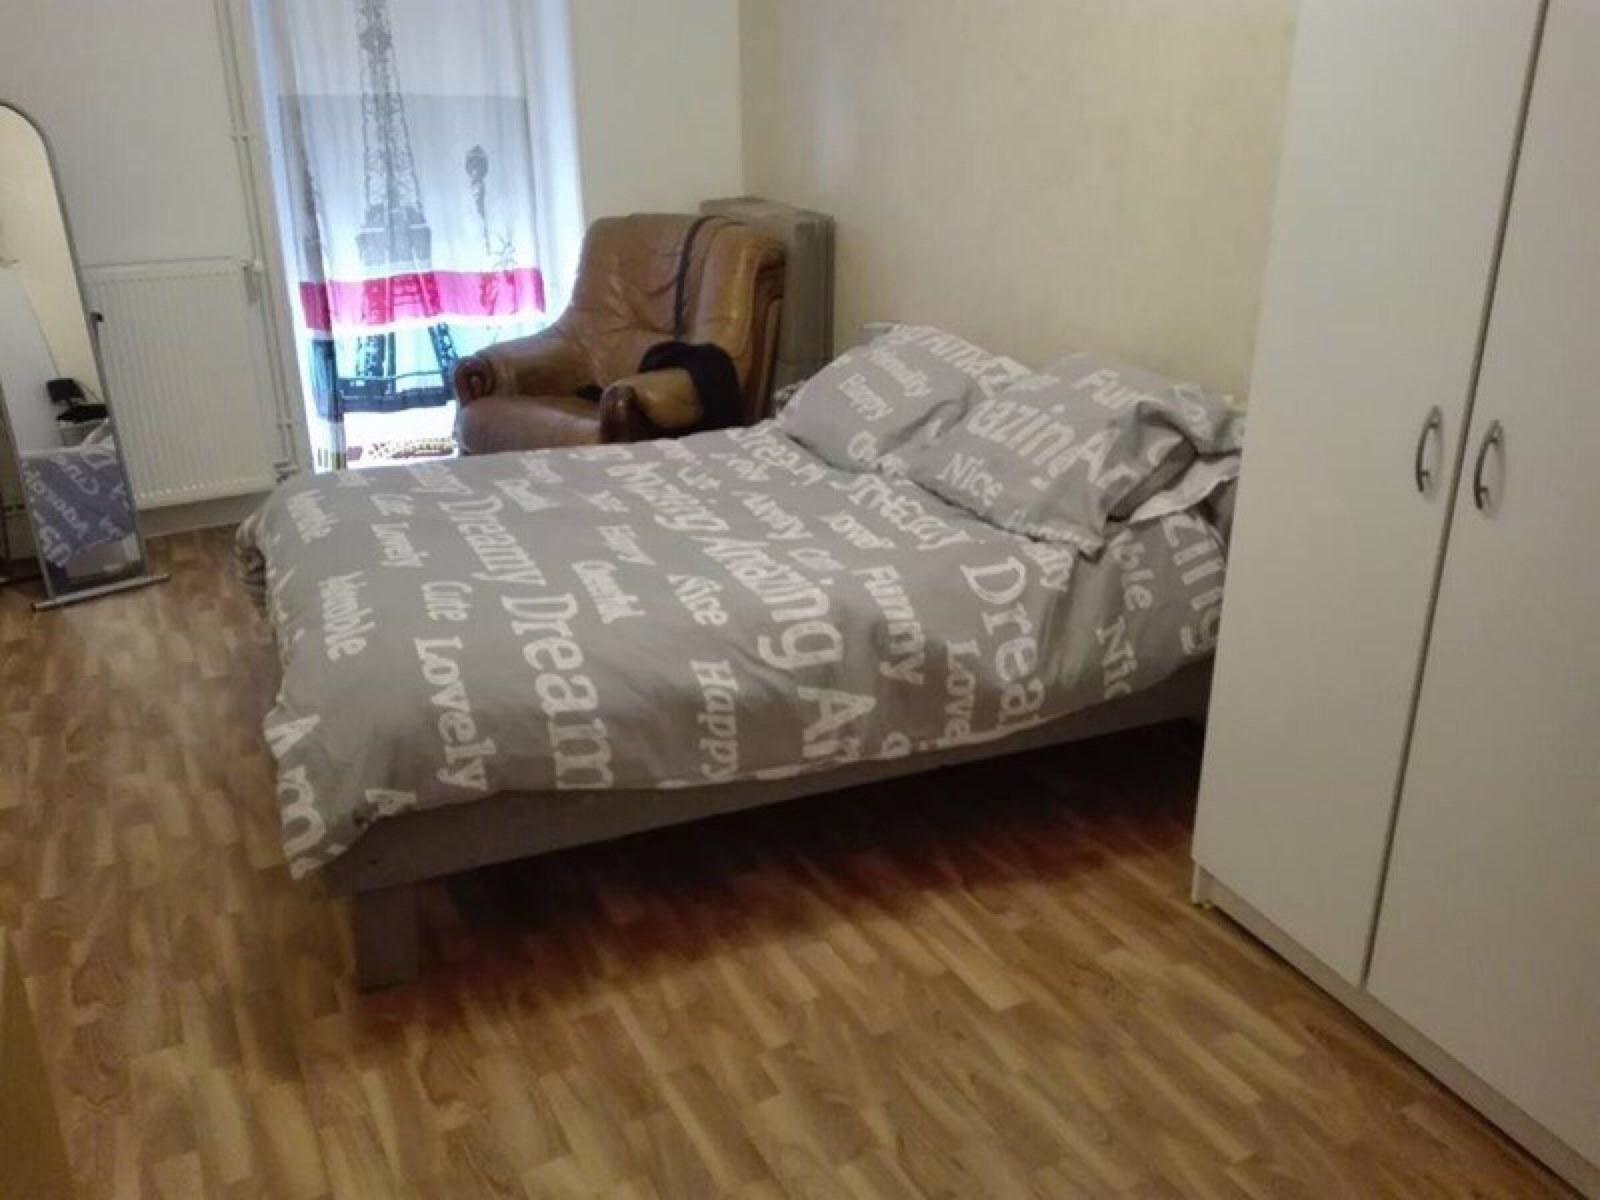 cadre de lit fait avec des palettes 1meuble en palette meuble en palette. Black Bedroom Furniture Sets. Home Design Ideas